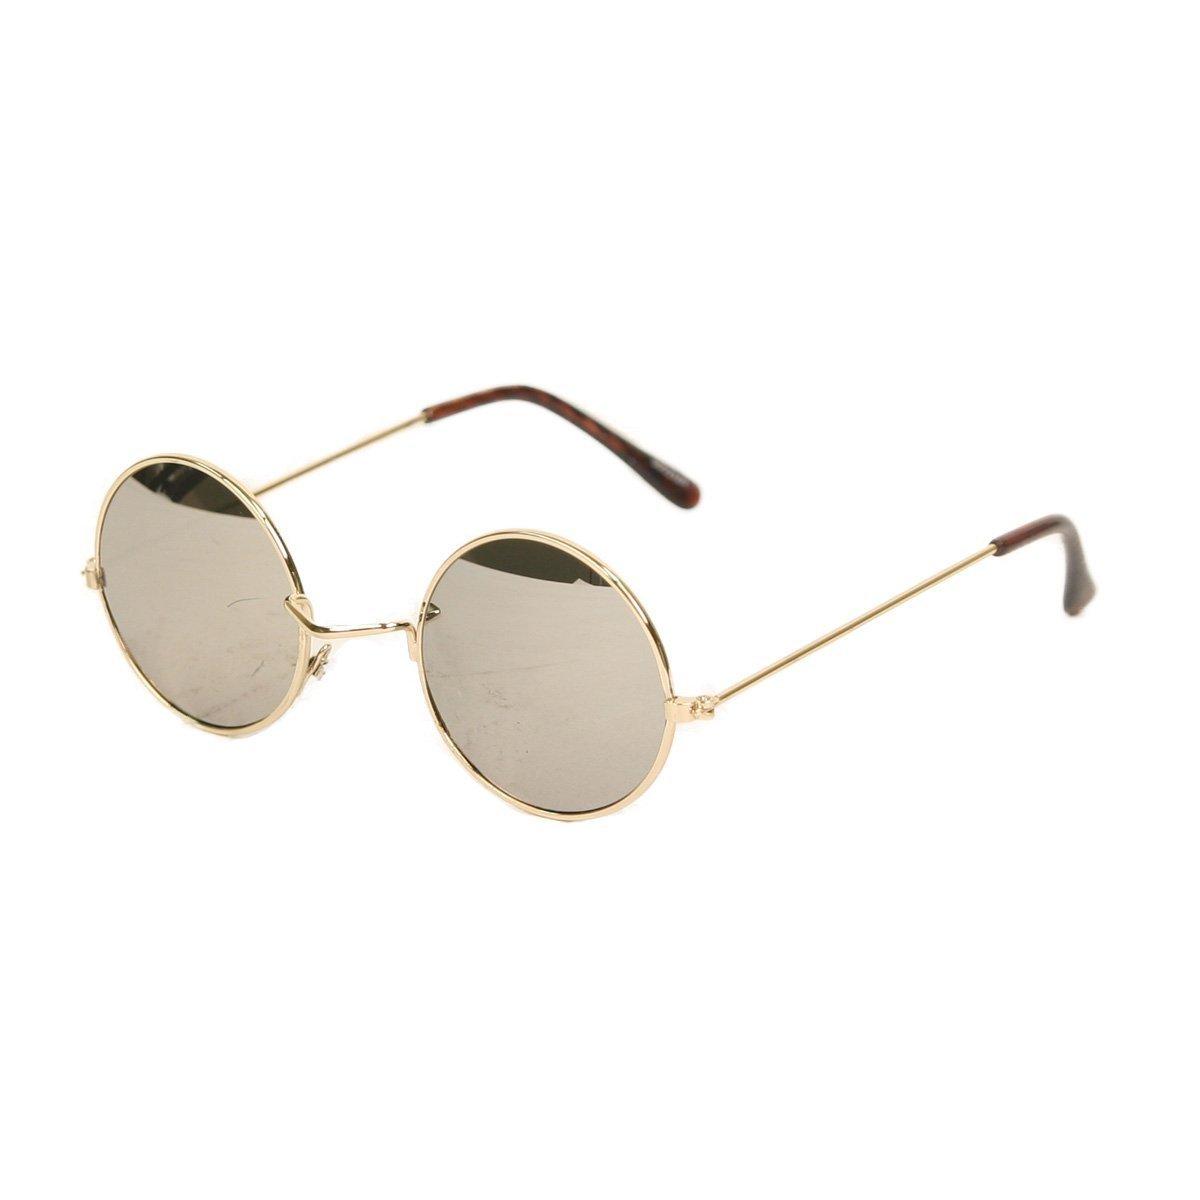 John Lennon Type Eyeglass Frames : 60s John Lennon Style Round Gold Frame/ Black Lens ...